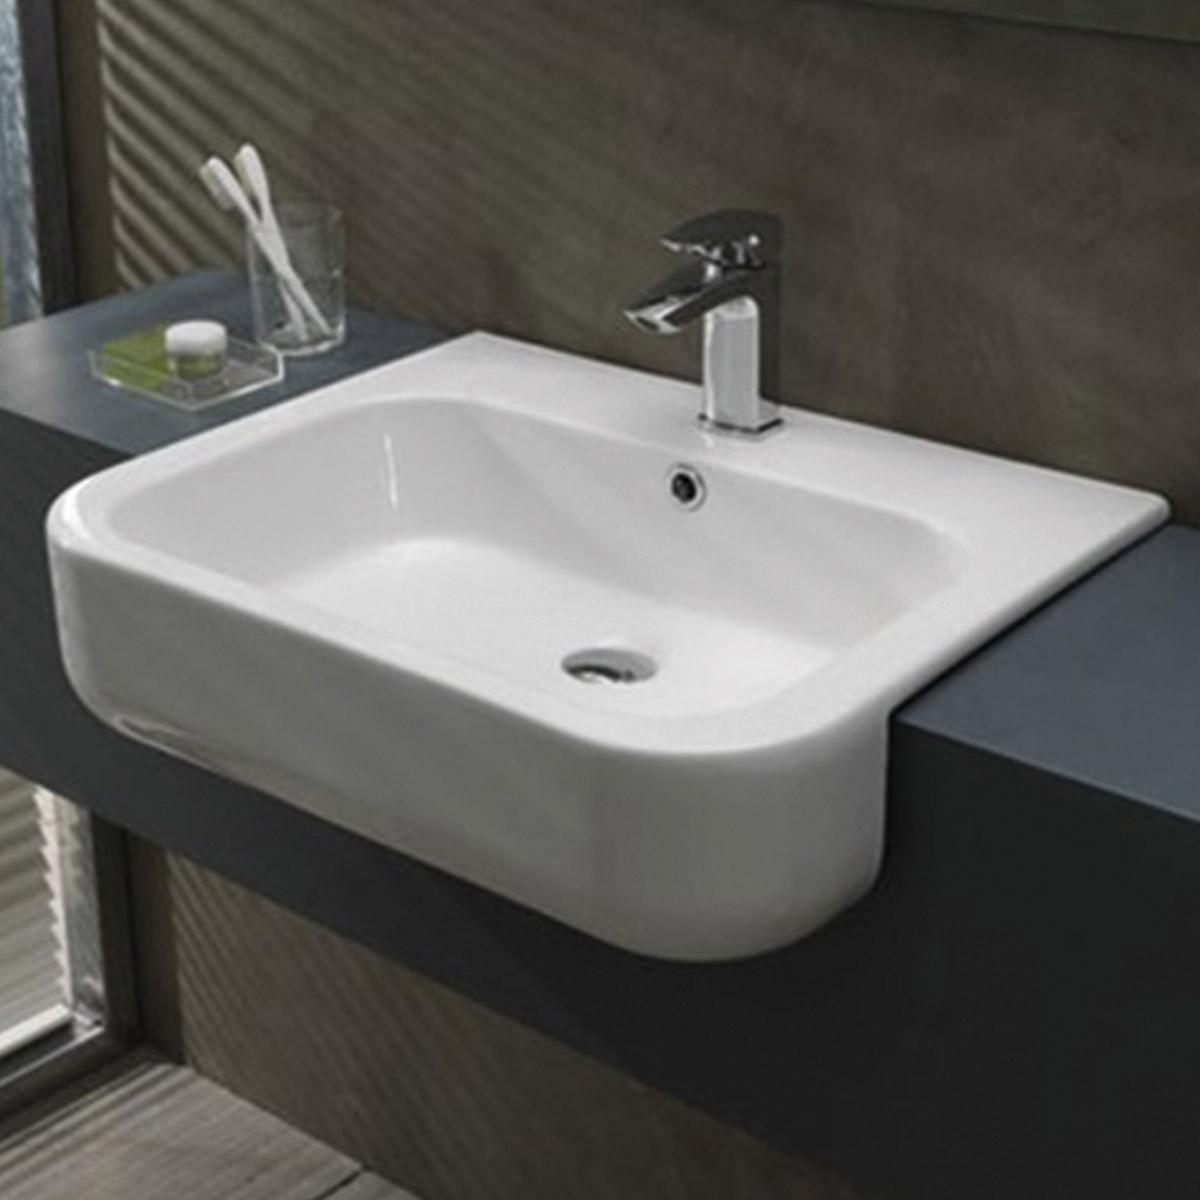 Consolle semincasso 60 cm qubo - Lavabo bagno semincasso ...